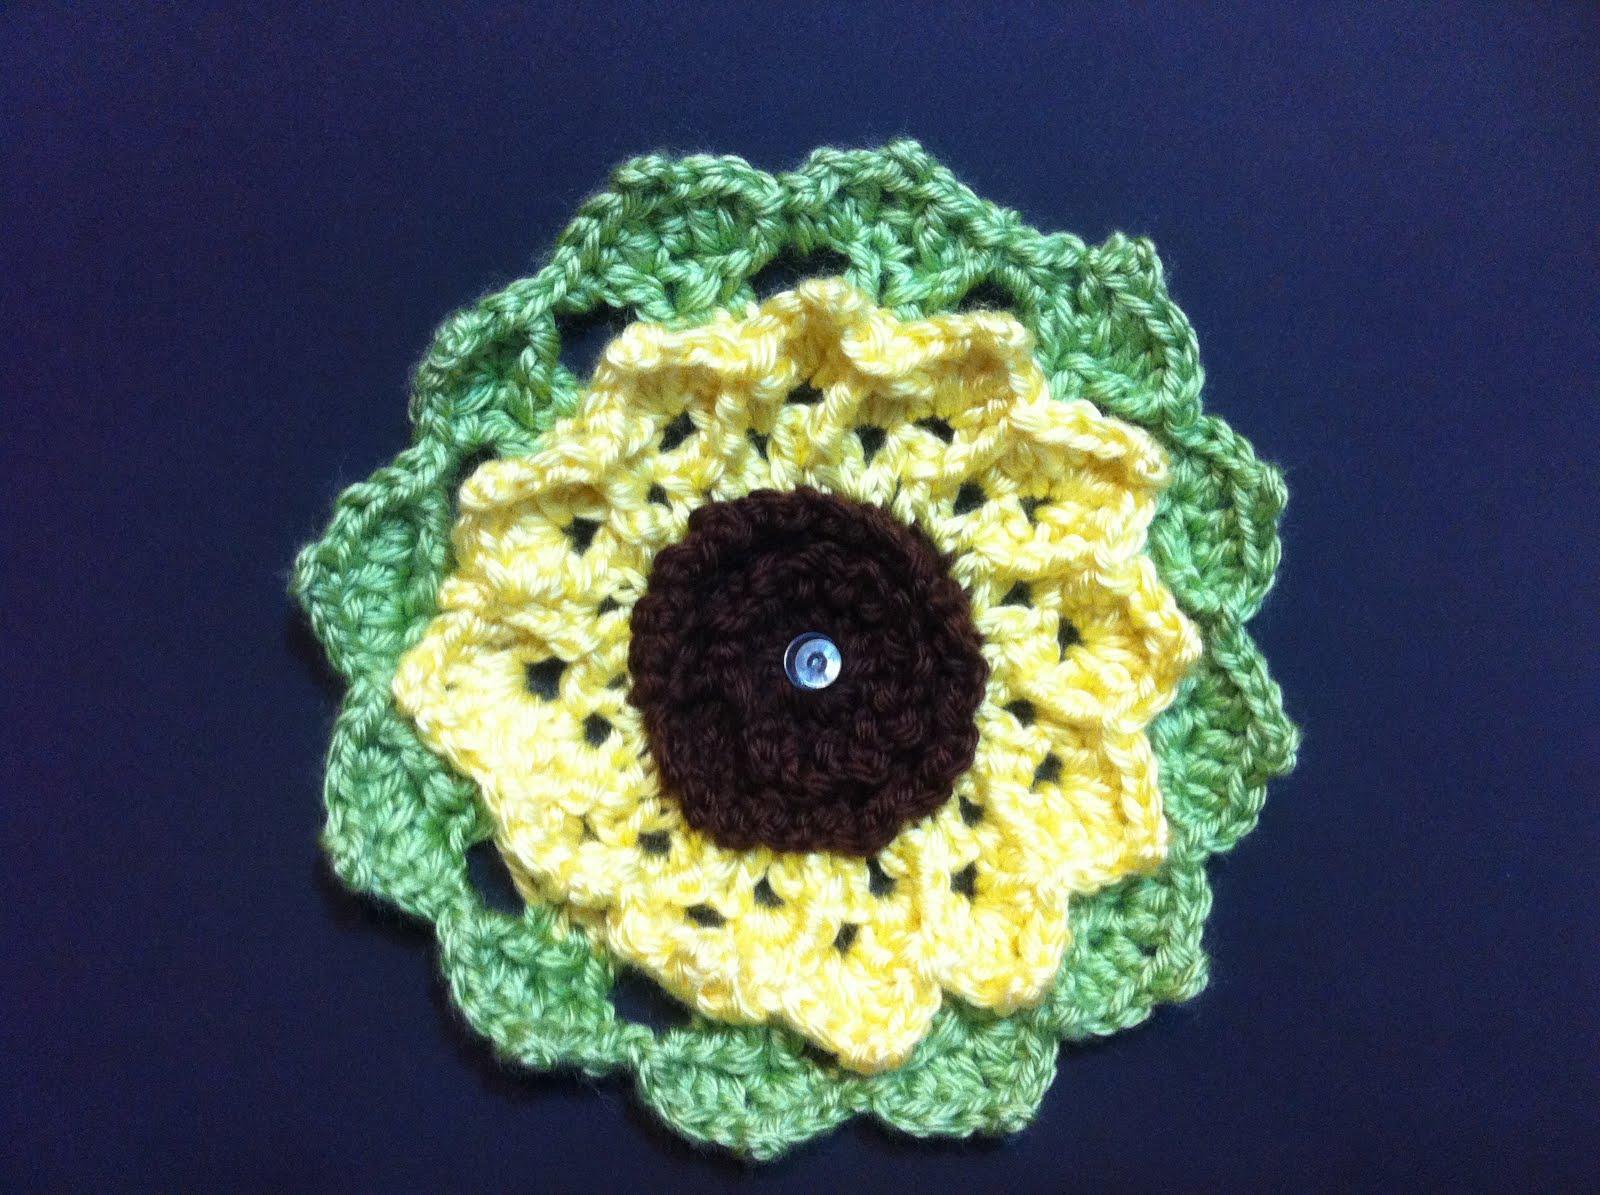 http://3.bp.blogspot.com/-guzd8t0U9bA/Tca4T0hHitI/AAAAAAAAAFg/wC9f-C3V2Oc/s1600/sunflower2.JPG